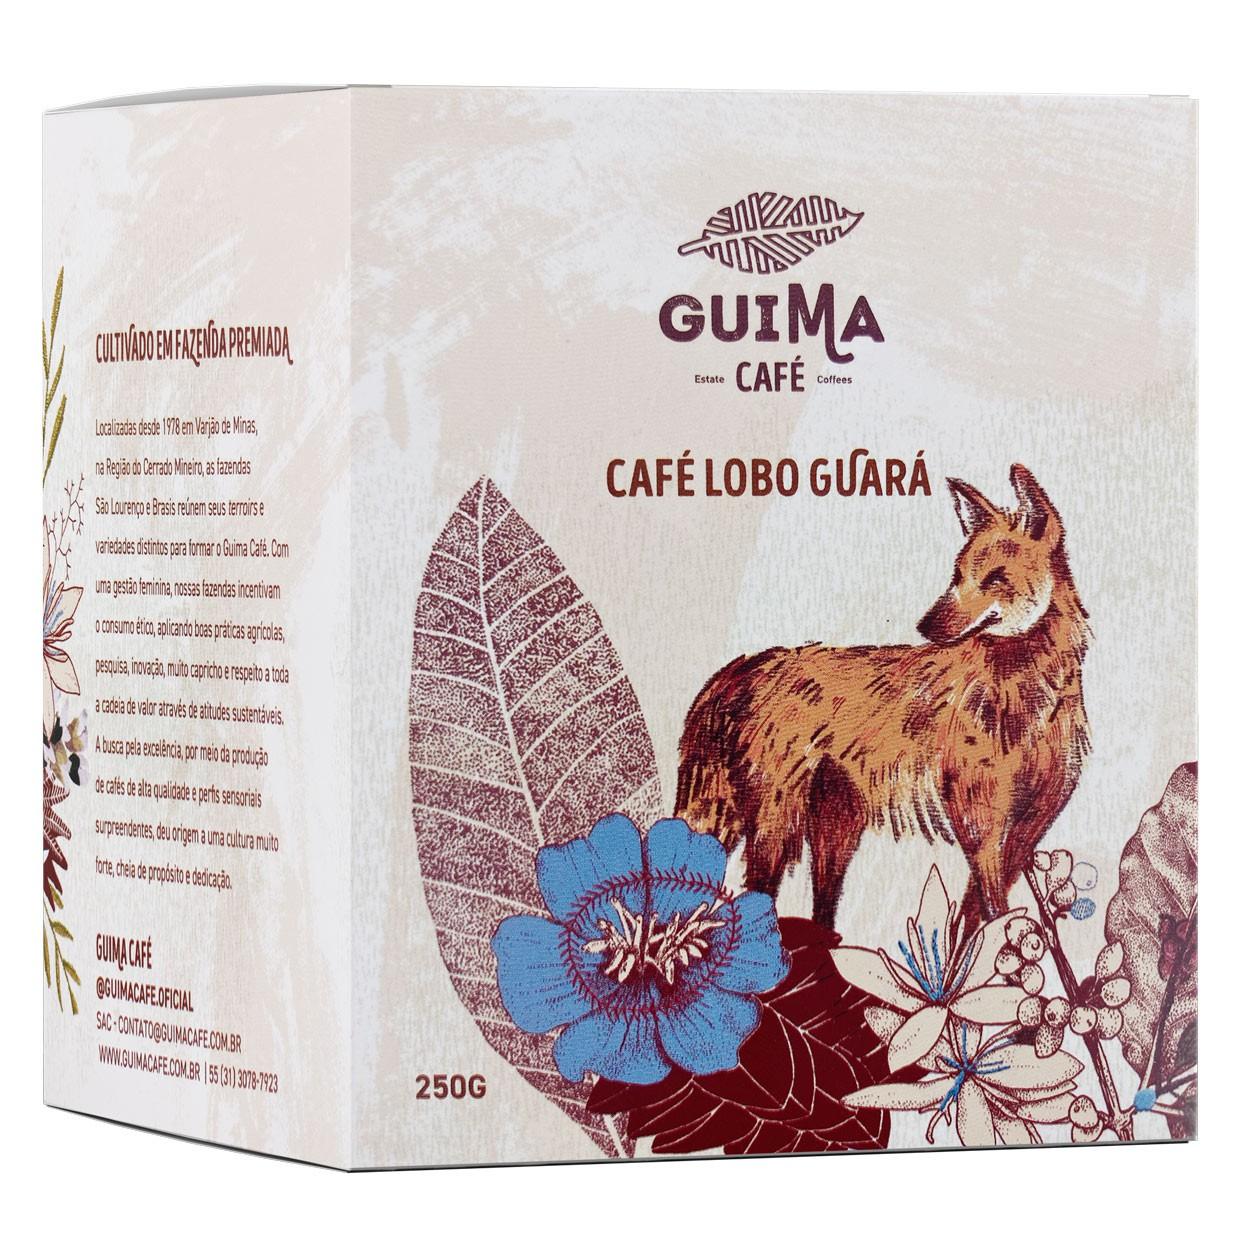 Guima Café - Lobo Guará